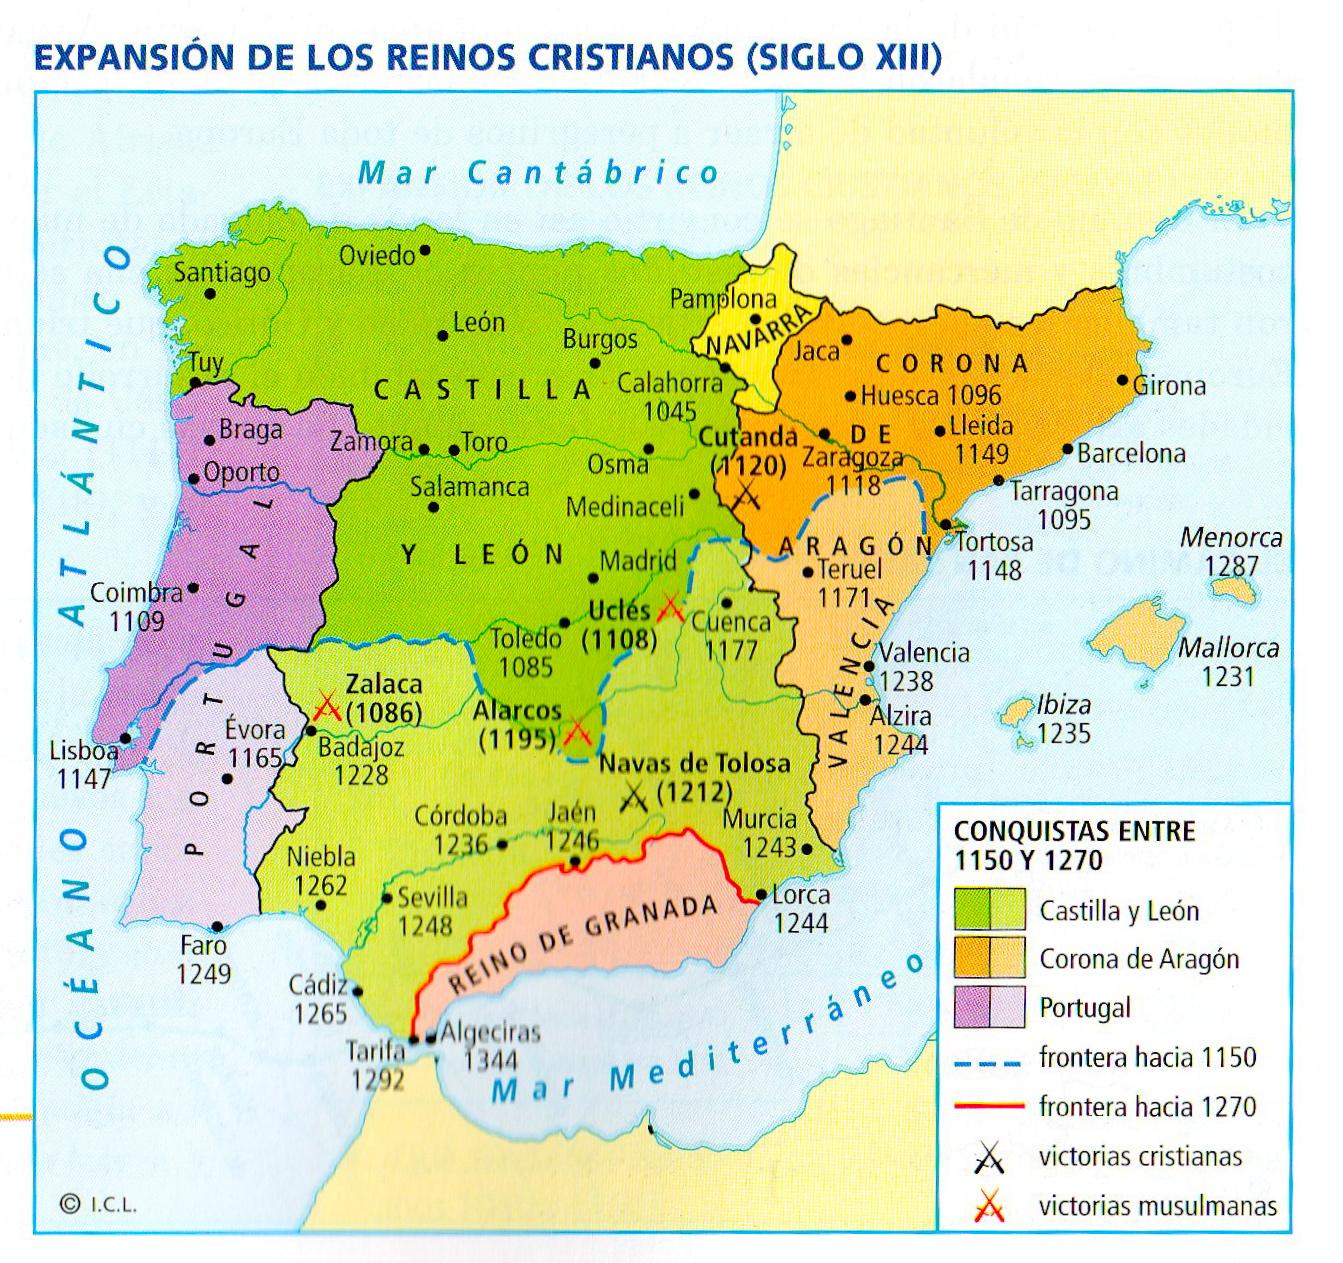 Expansin de los reinos cristianos siglo XIII  Historia de Espaa